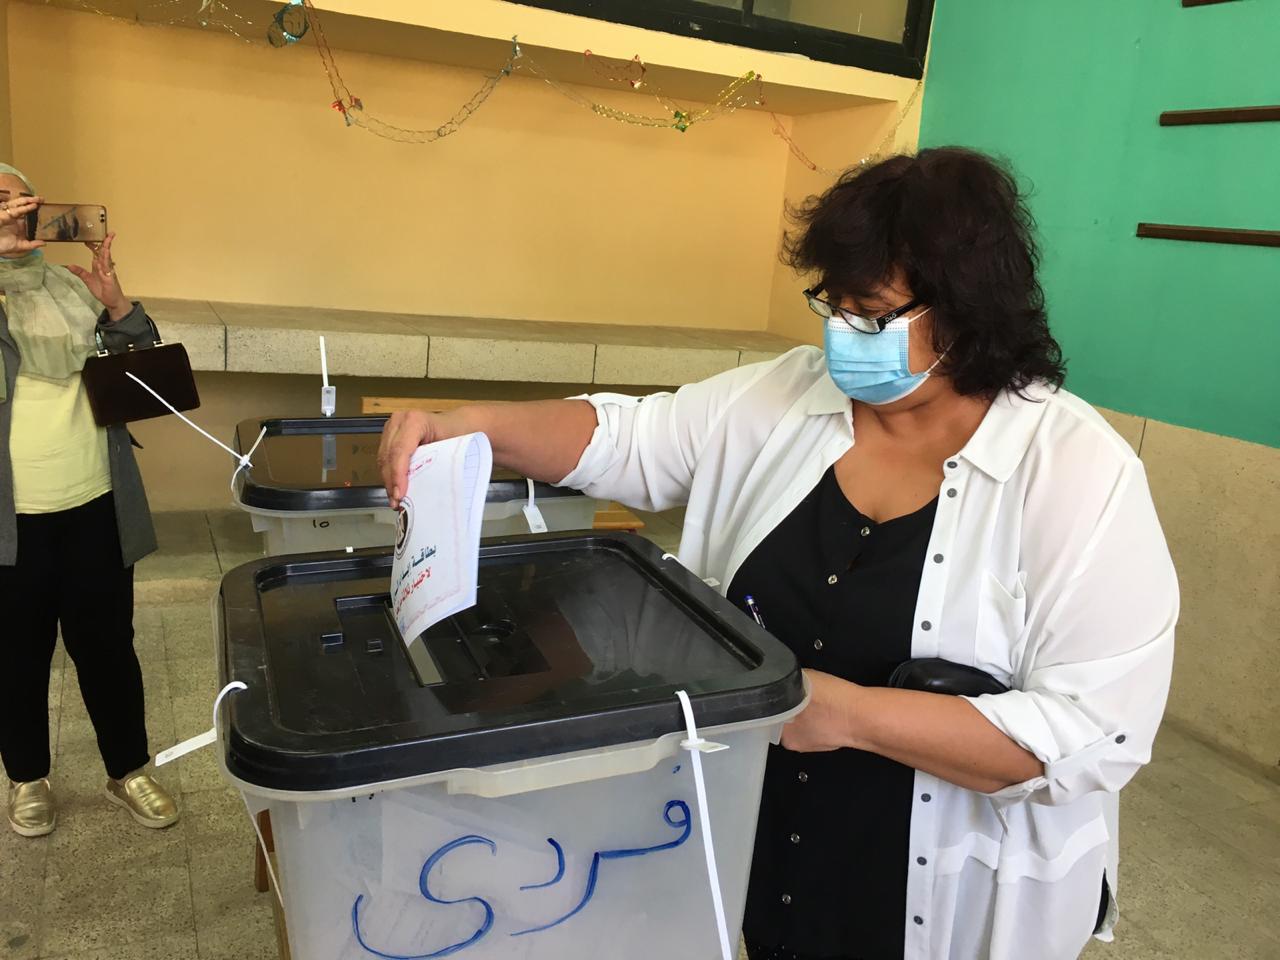 وزيرة الثقافة تدلي بصوتها في انتخابات مجلس النواب بالشيخ زايد